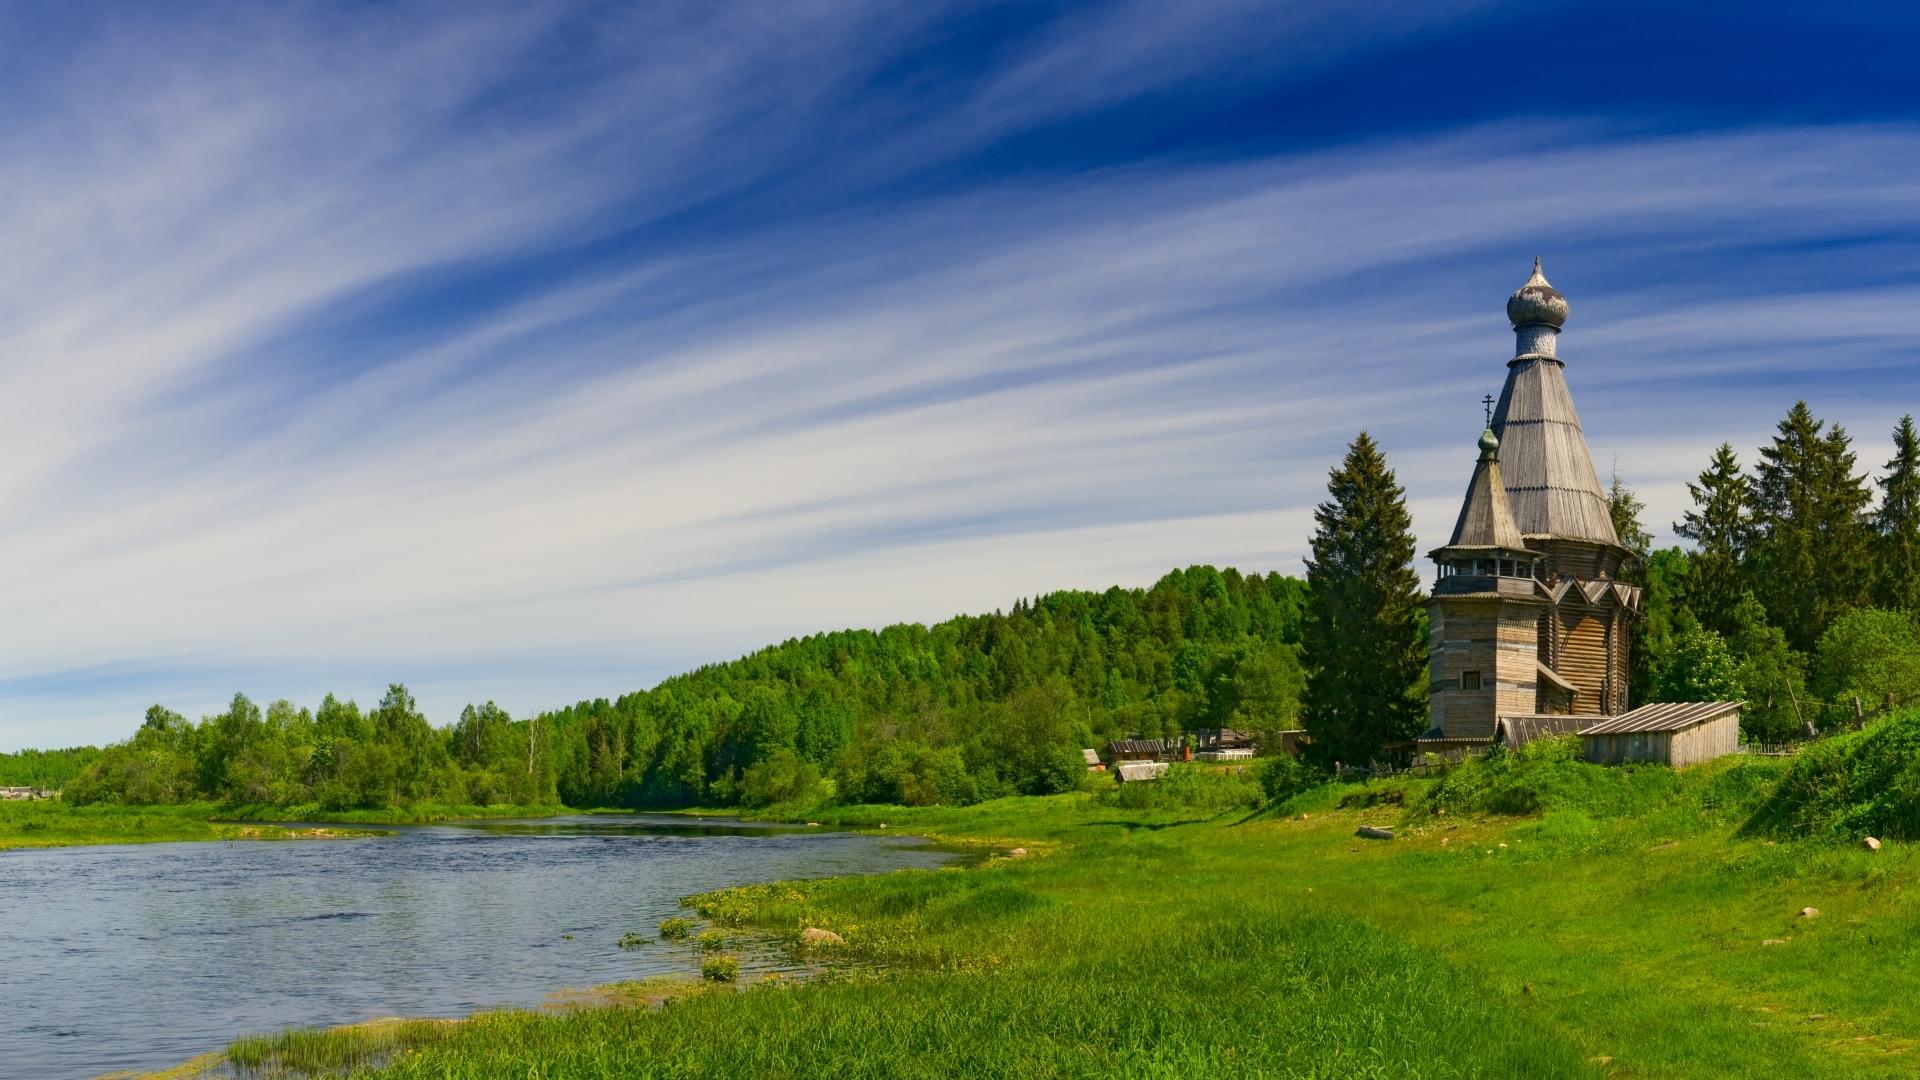 природа река архитектура облака Церковь Святого Пантелеймона смотреть